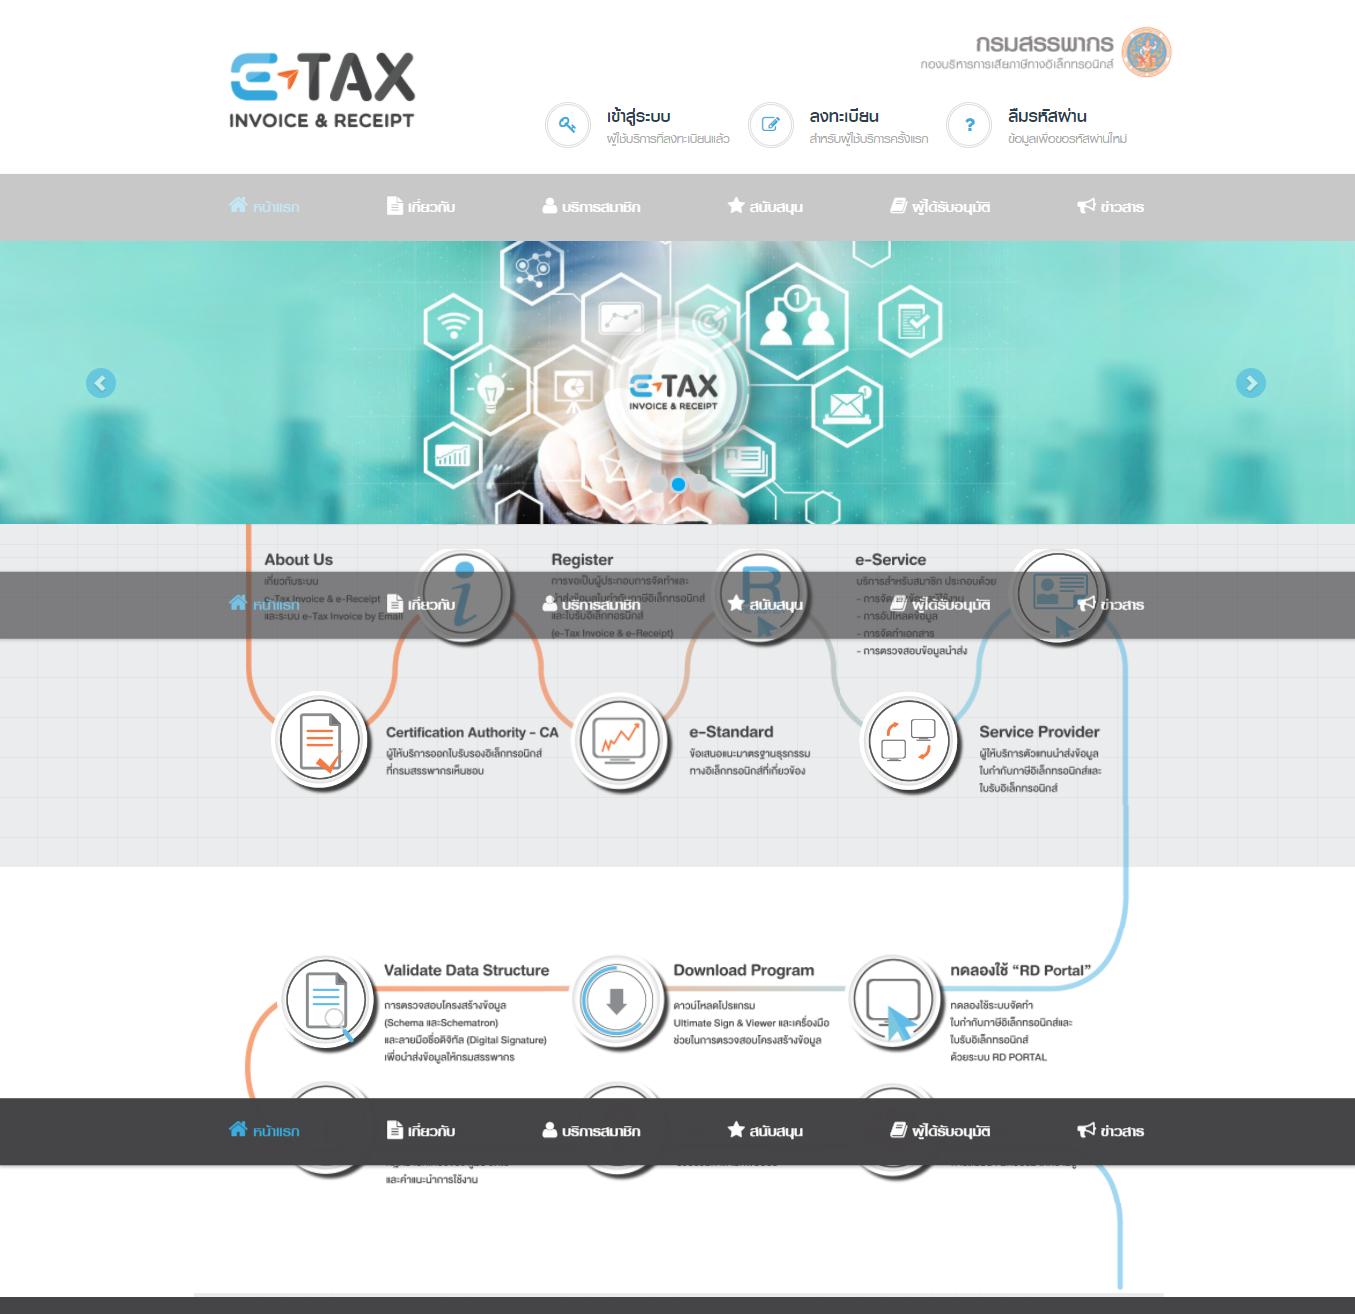 e-taxflow